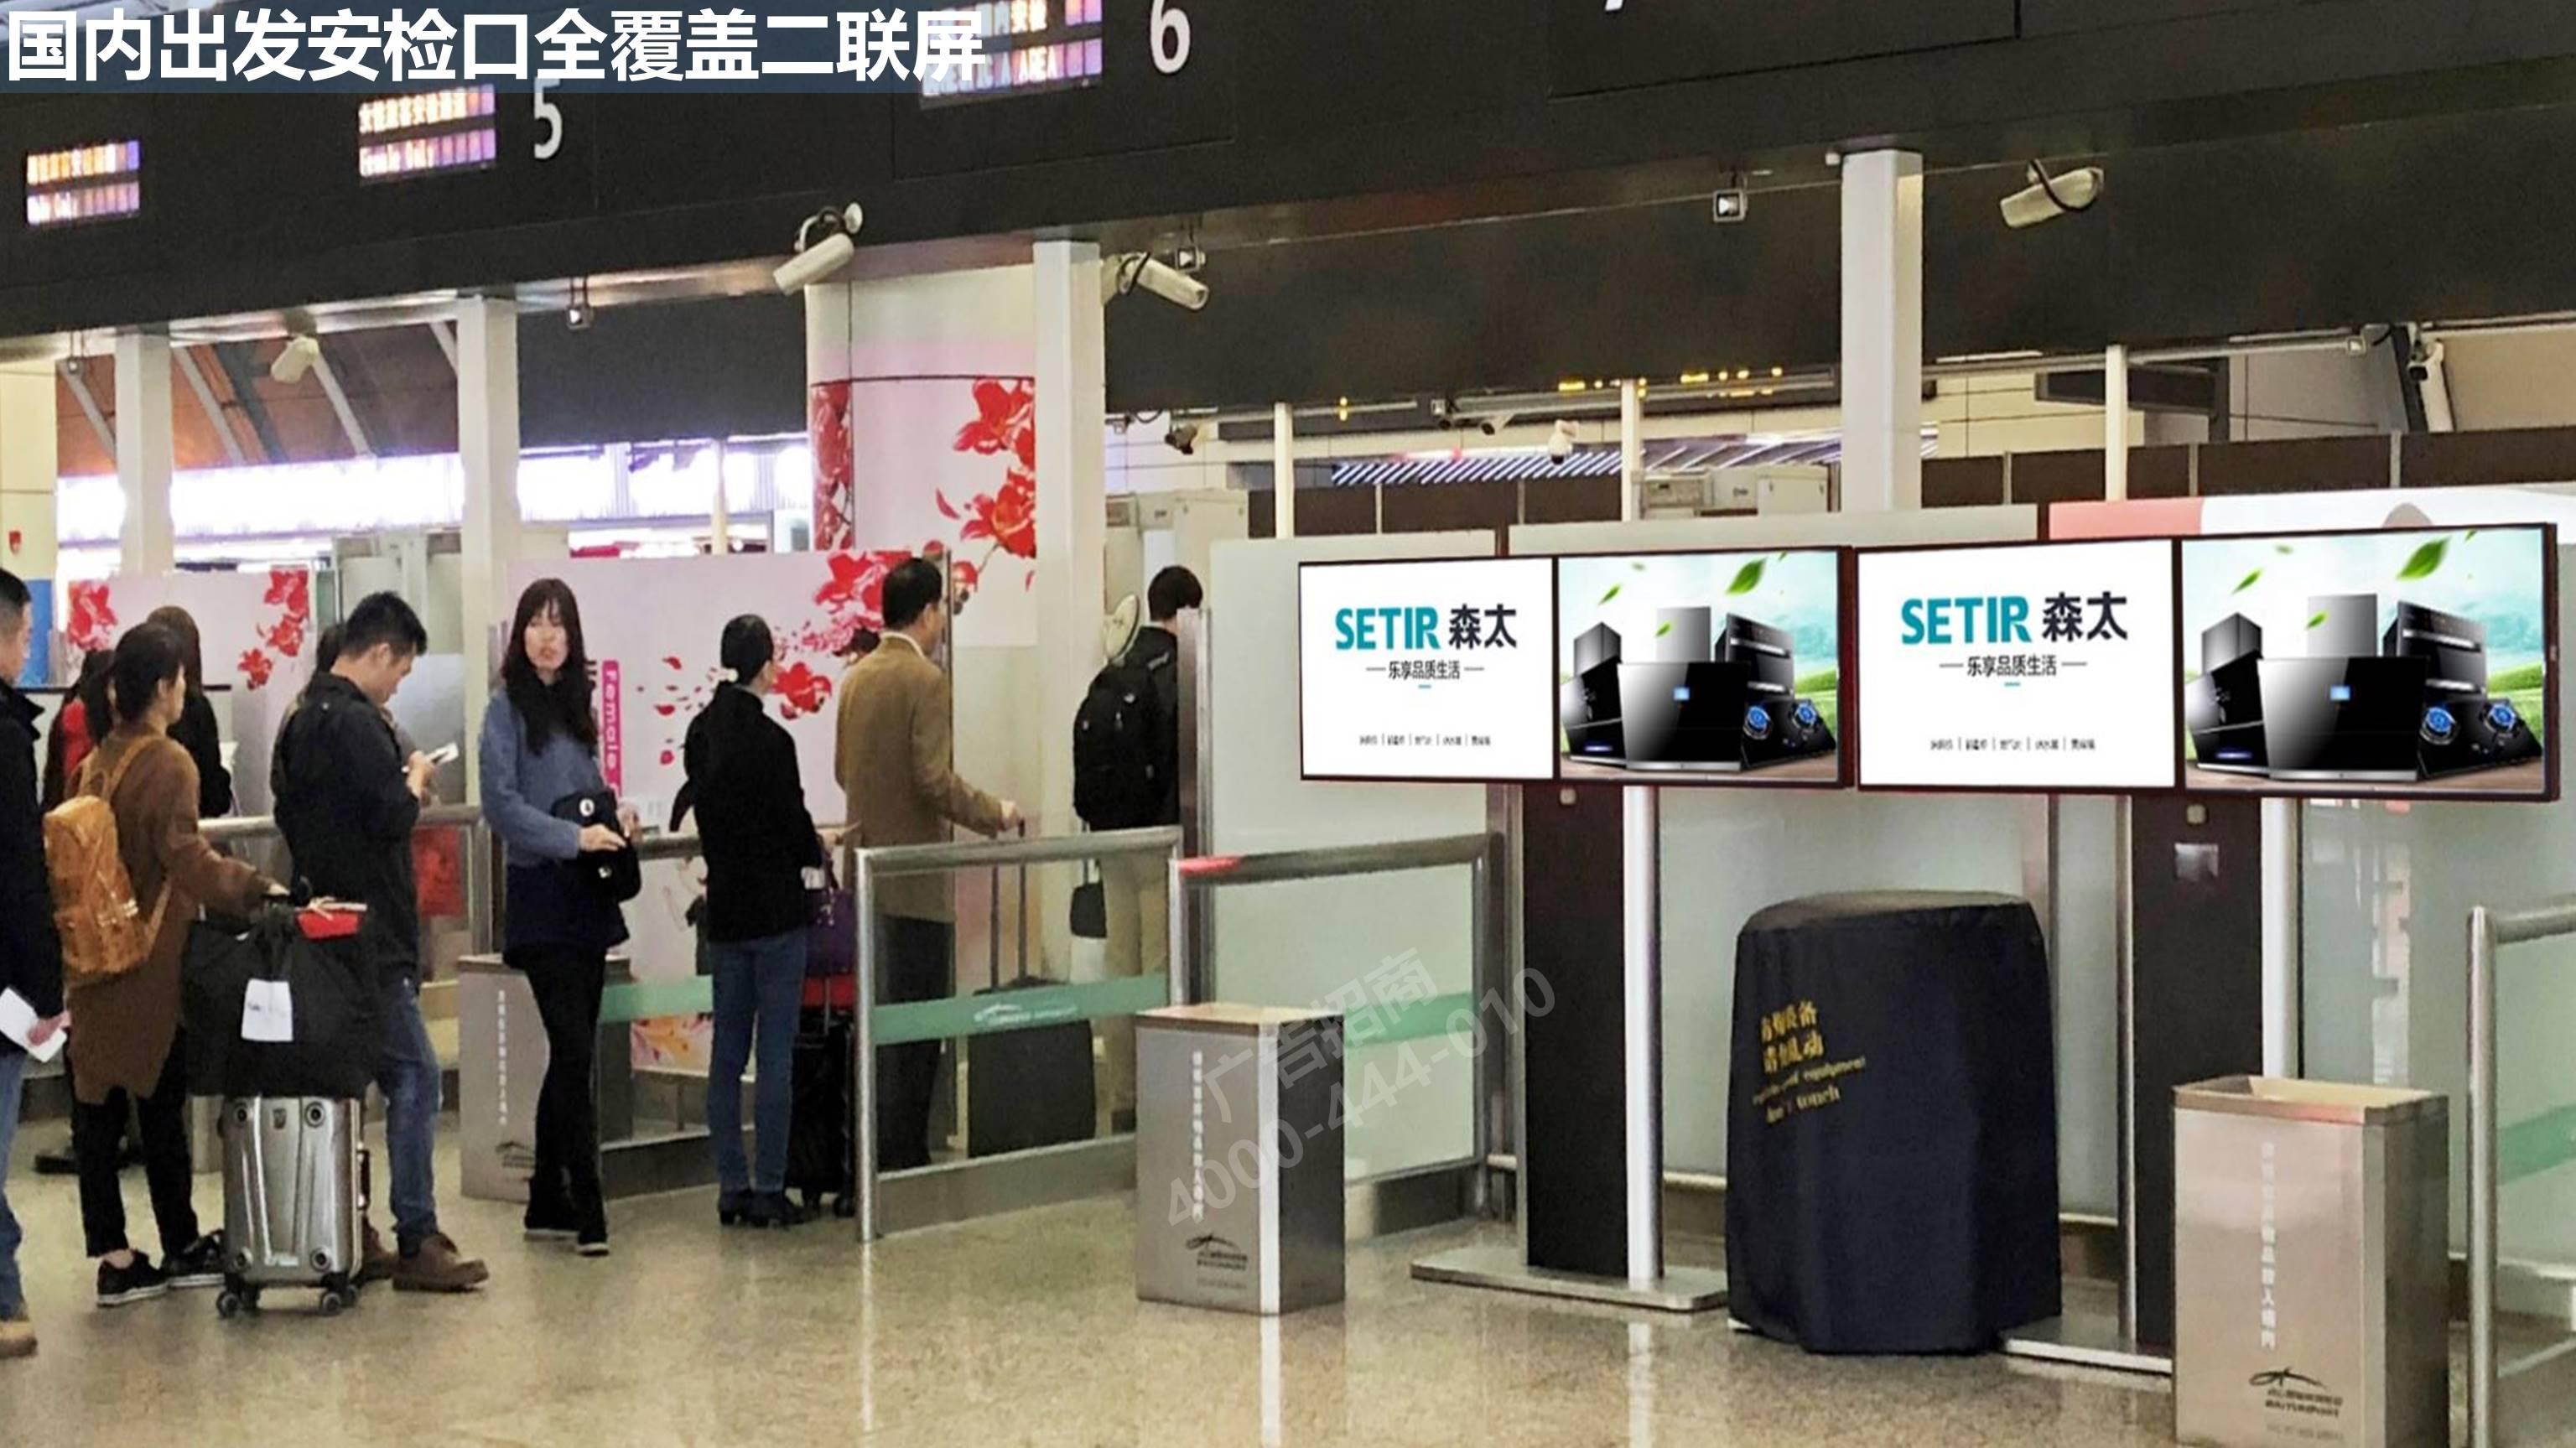 广州机场广告安检口刷屏